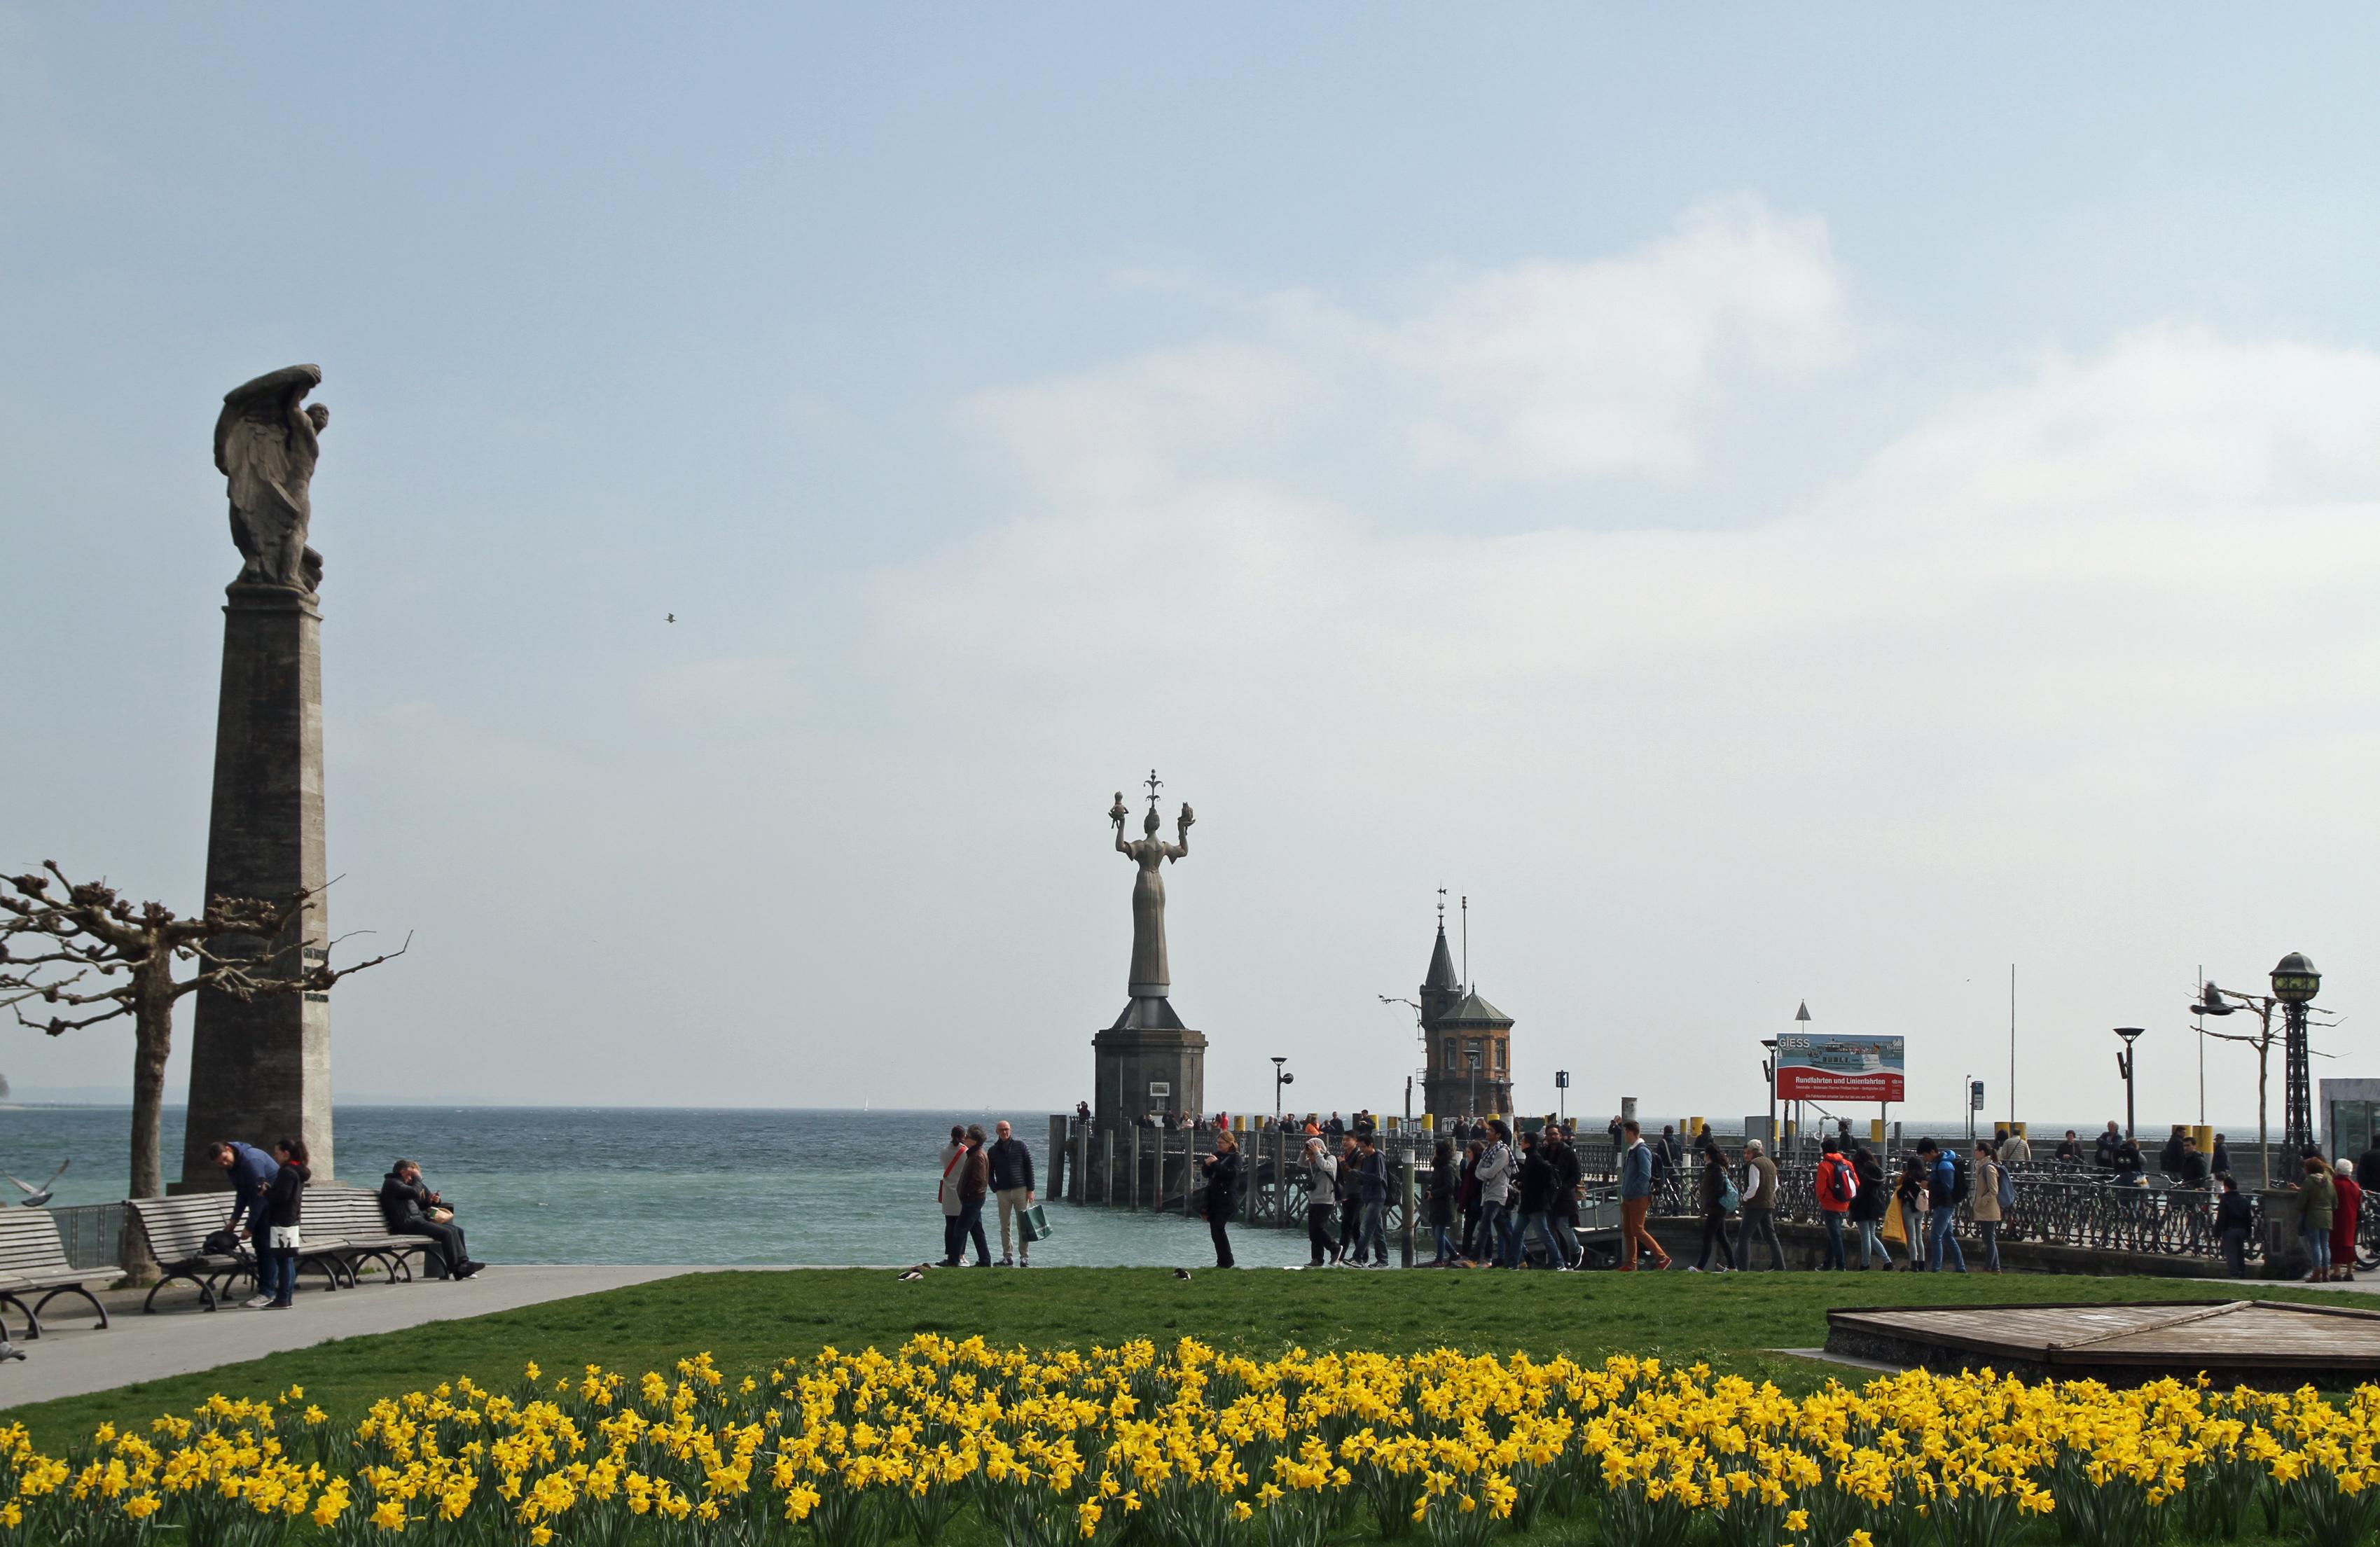 Hafen mit Imperia